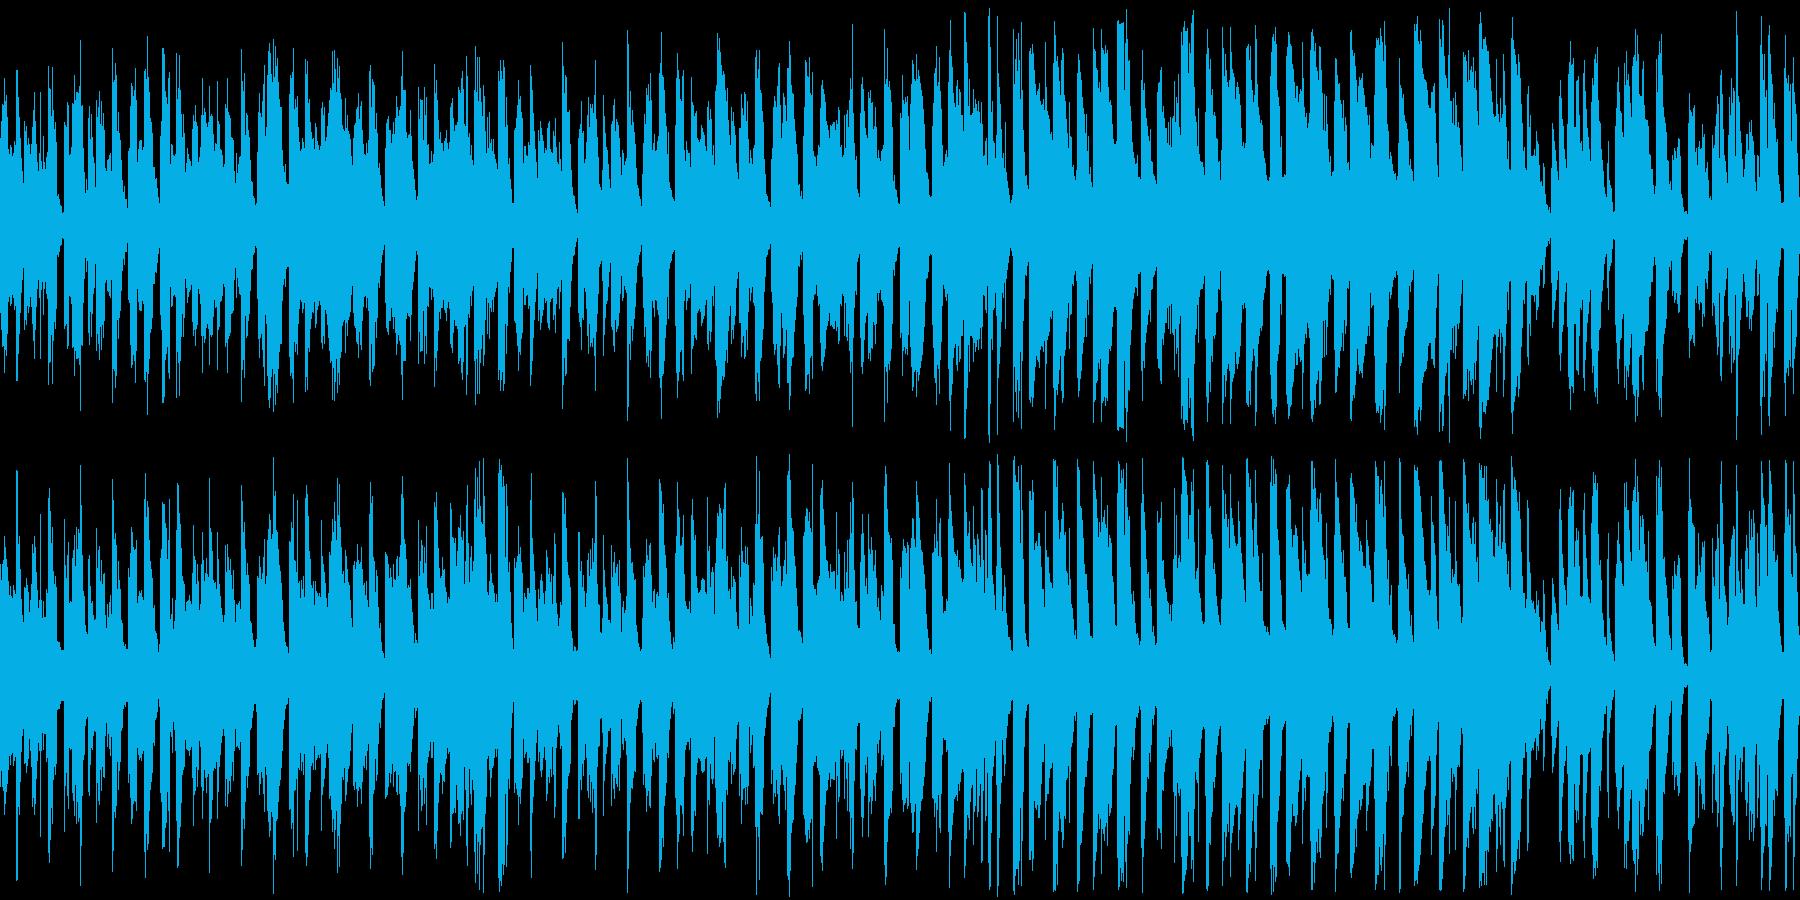 【ループ版】明るく楽しいコミカルな雰囲気の再生済みの波形